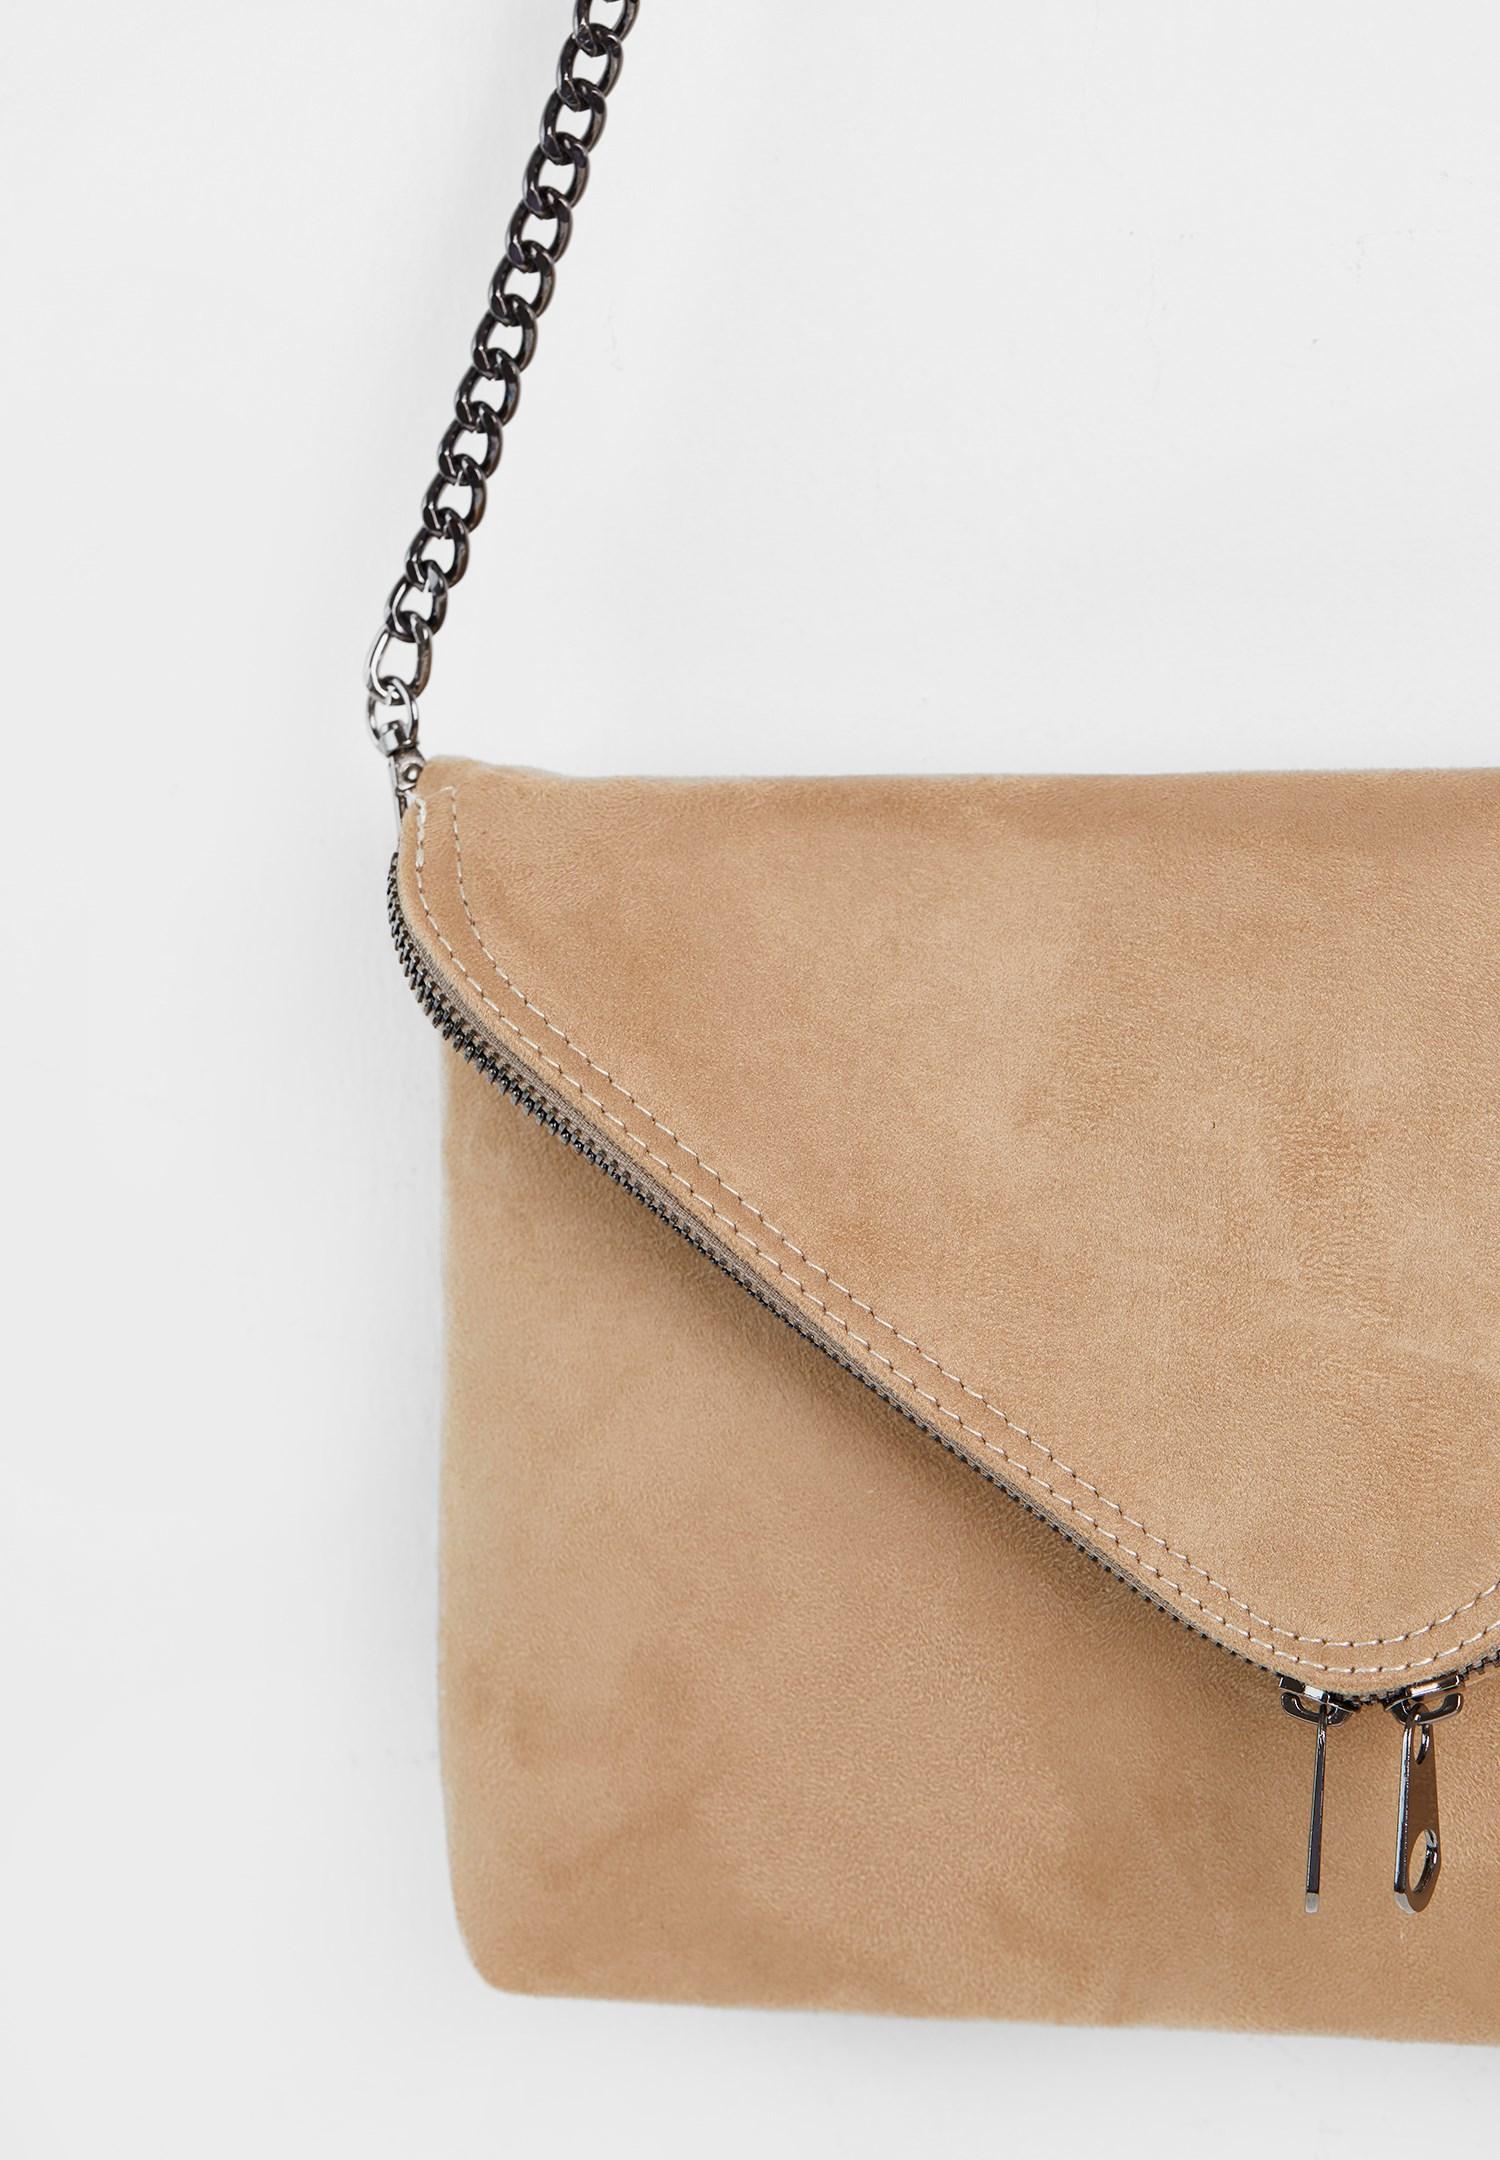 Bayan Krem Zincir Askılı Zarf Çanta